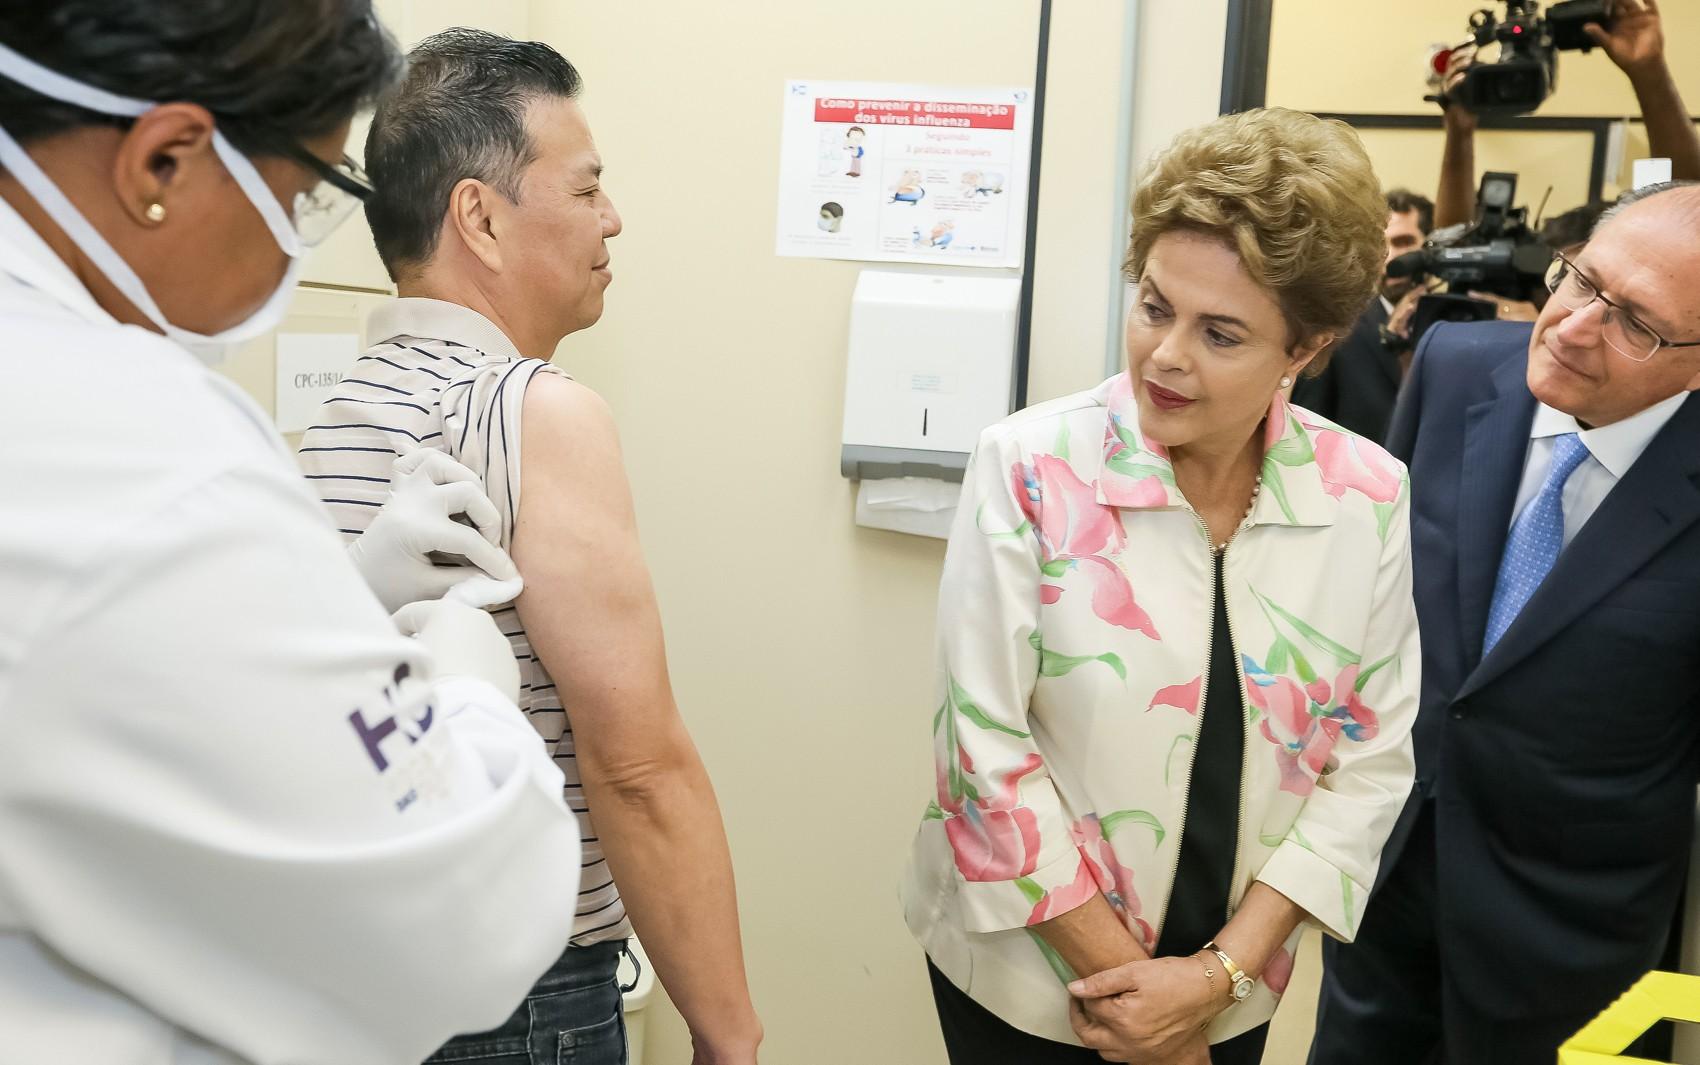 Presidente Dilma Rousseff acompanha voluntário recebendo vacina contra dengue do Instituto Butantan, no início da fase 3 de testes clínicos  (Foto: Roberto Stuckert Filho/PR/Divulgação)